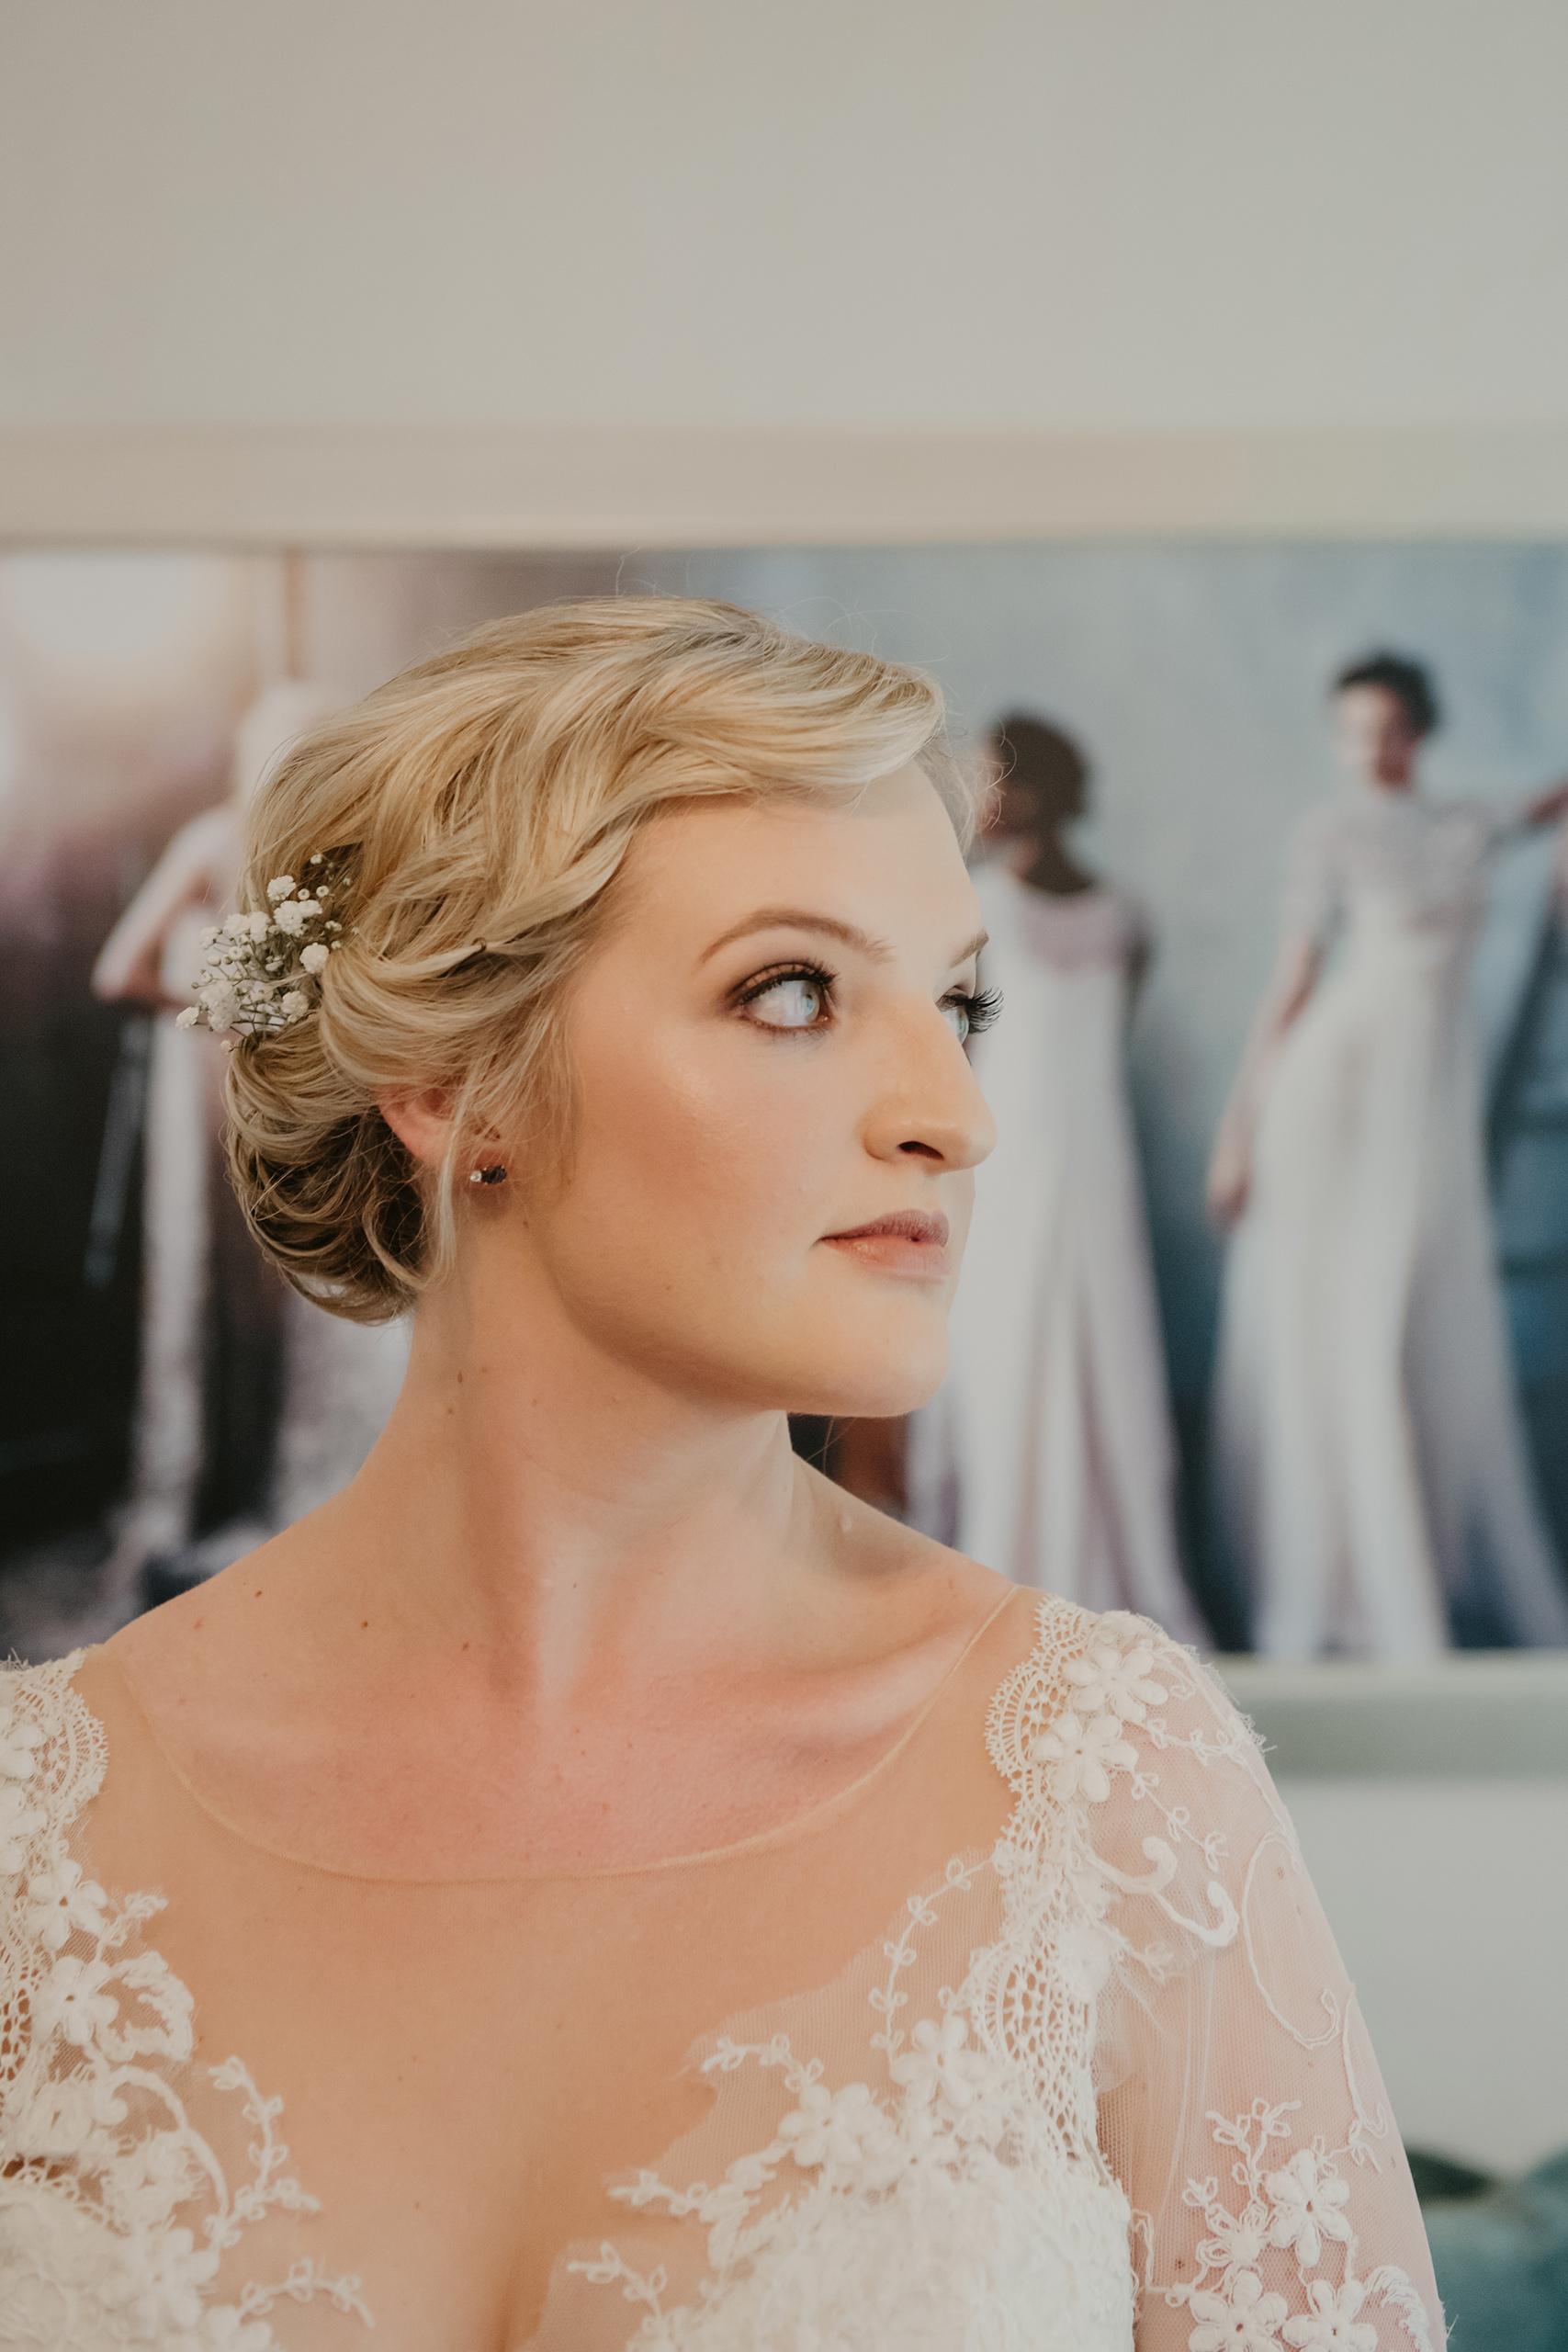 Kelly-Jean | Hair & Makeup Artist - Hair & Makeup Johannesburg